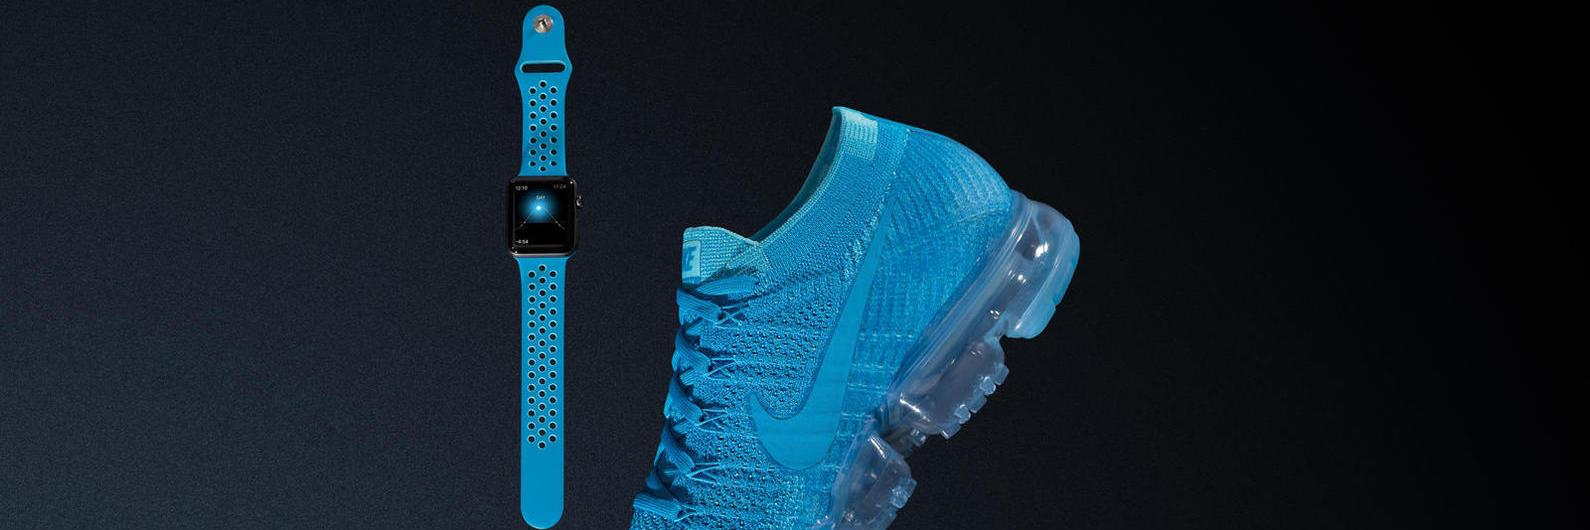 Nike lança pulseiras para o smartwatch da Apple com ténis a condizer